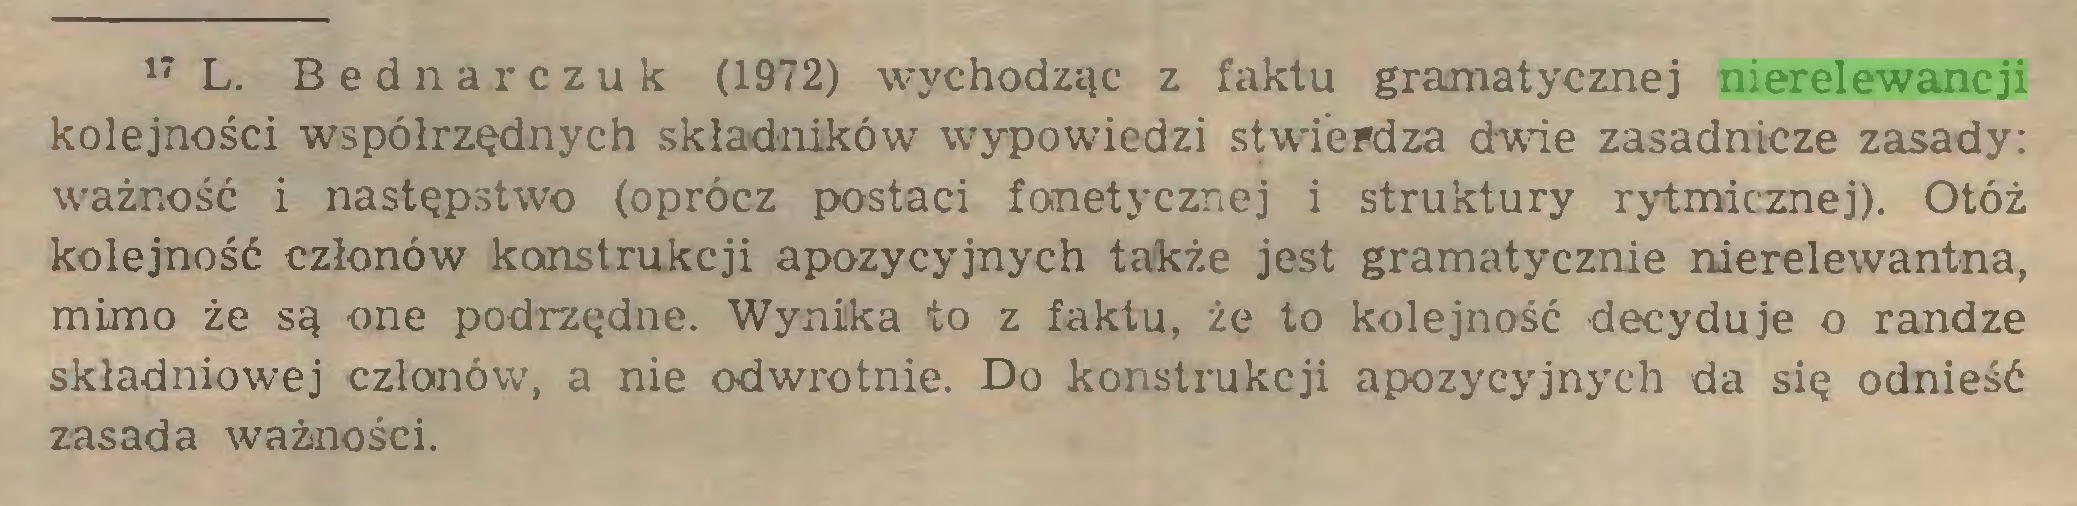 (...) 17 L. Bednarczuk (1972) wychodząc z faktu gramatycznej nierelewancji kolejności współrzędnych składników wypowiedzi stwierdza dwie zasadnicze zasady: ważność i następstwo (oprócz postaci fonetycznej i struktury rytmicznej). Otóż kolejność członów konstrukcji apozycyjnych także jest gramatycznie nierelewantna, mimo że są one podrzędne. Wynika to z faktu, że to kolejność decyduje o randze składniowej członów, a nie odwrotnie. Do konstrukcji apozycyjnych da się odnieść zasada ważności...